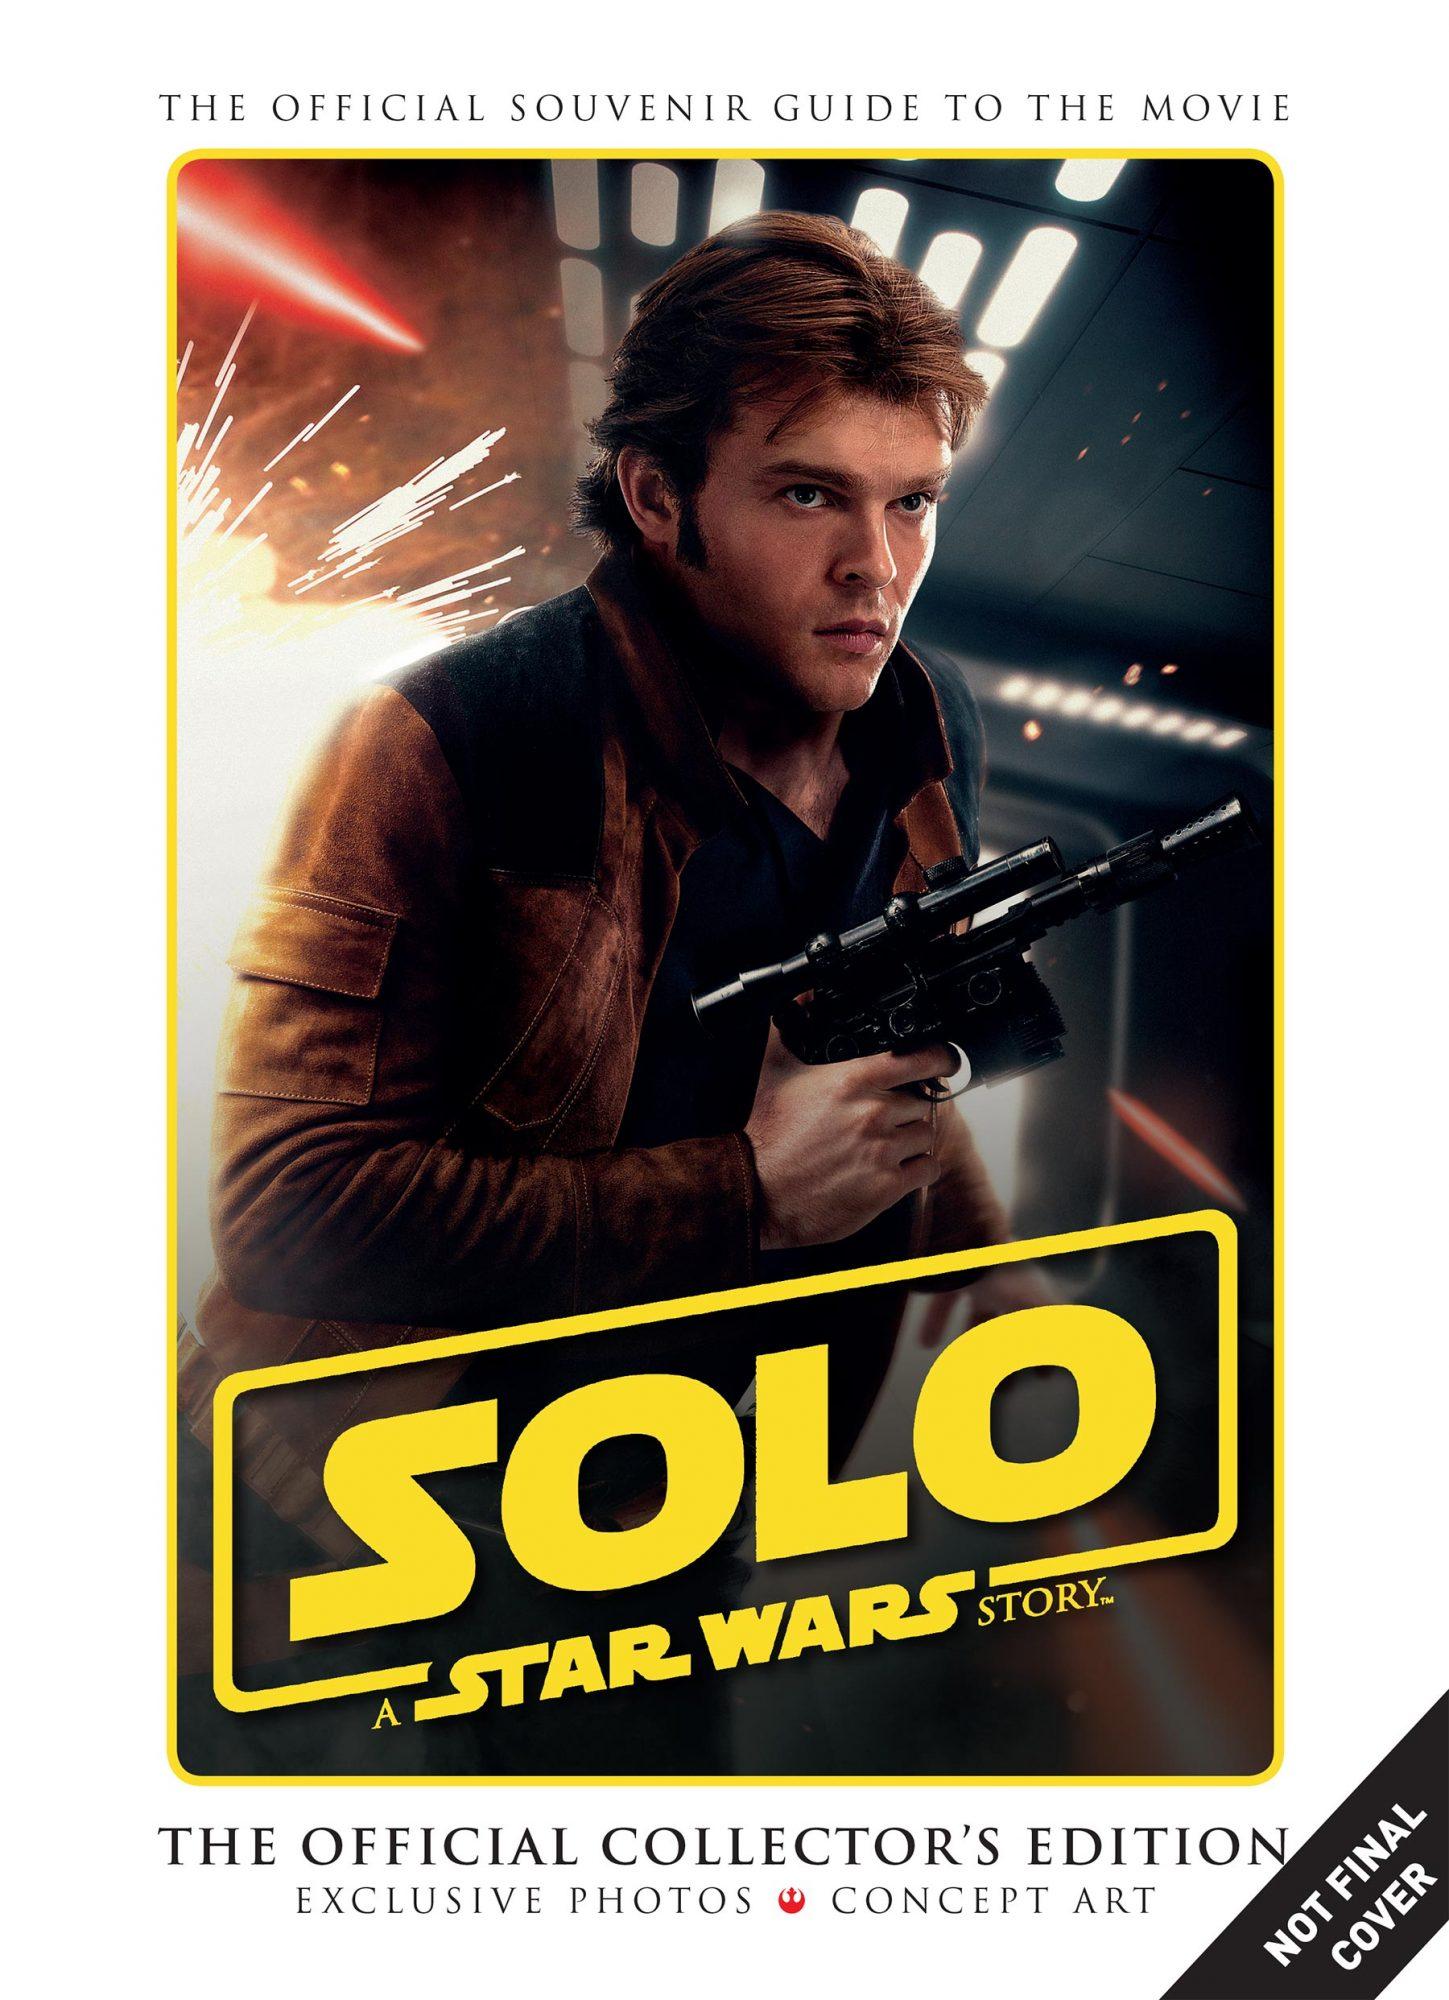 Star Wars 'Solo' Comic Books CR: Disney